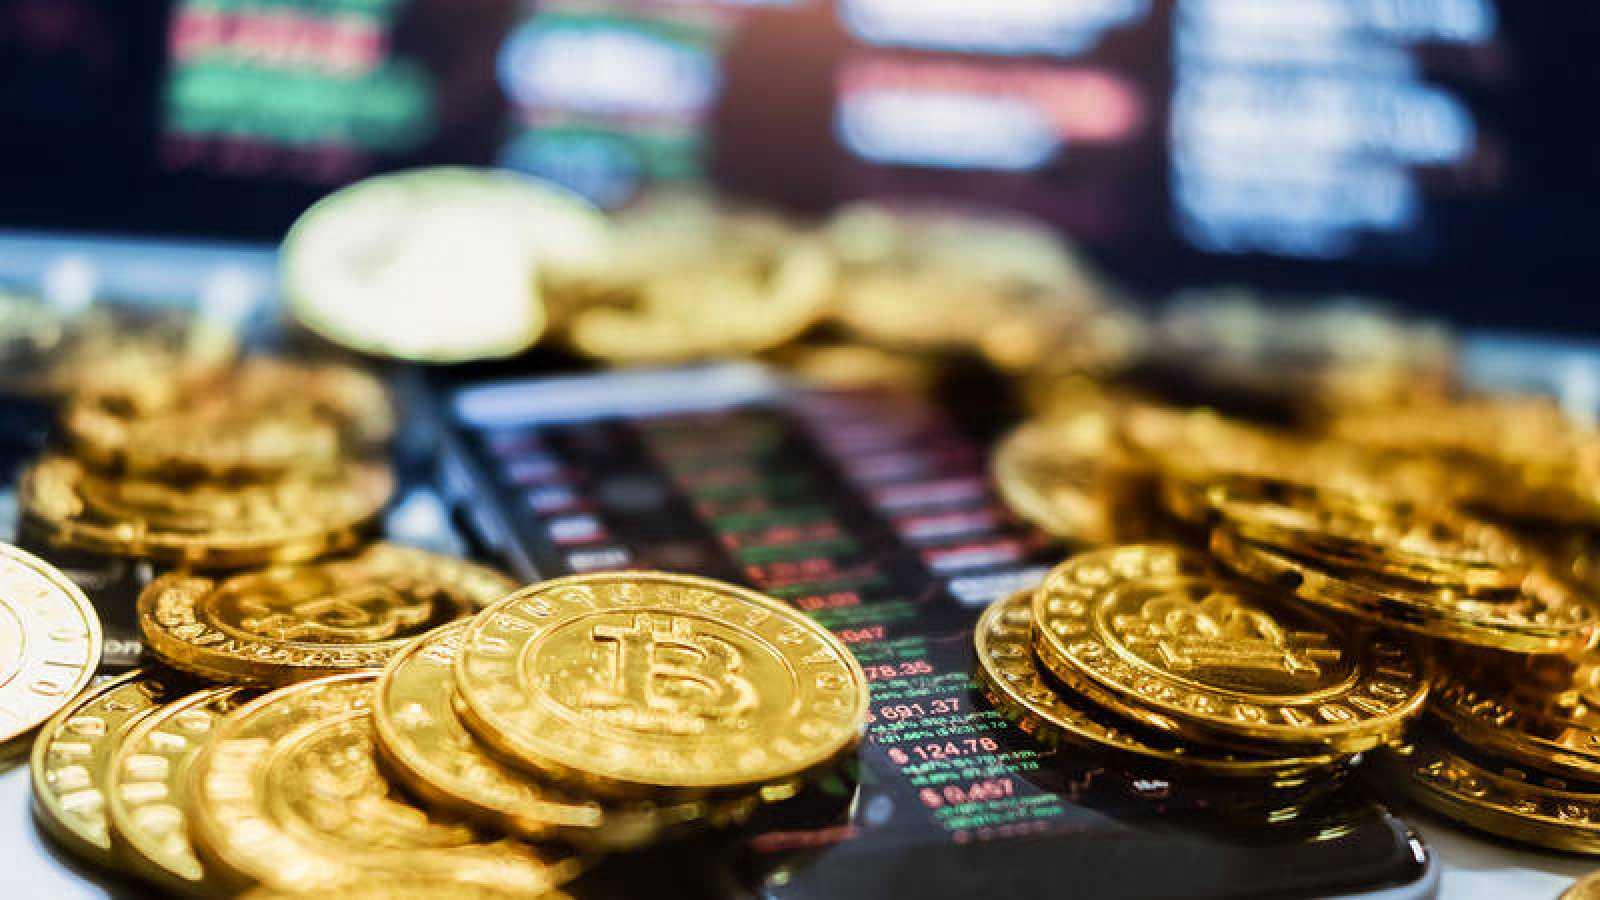 Monedas representando bitcoins junto a un móvil con datos bursátiles